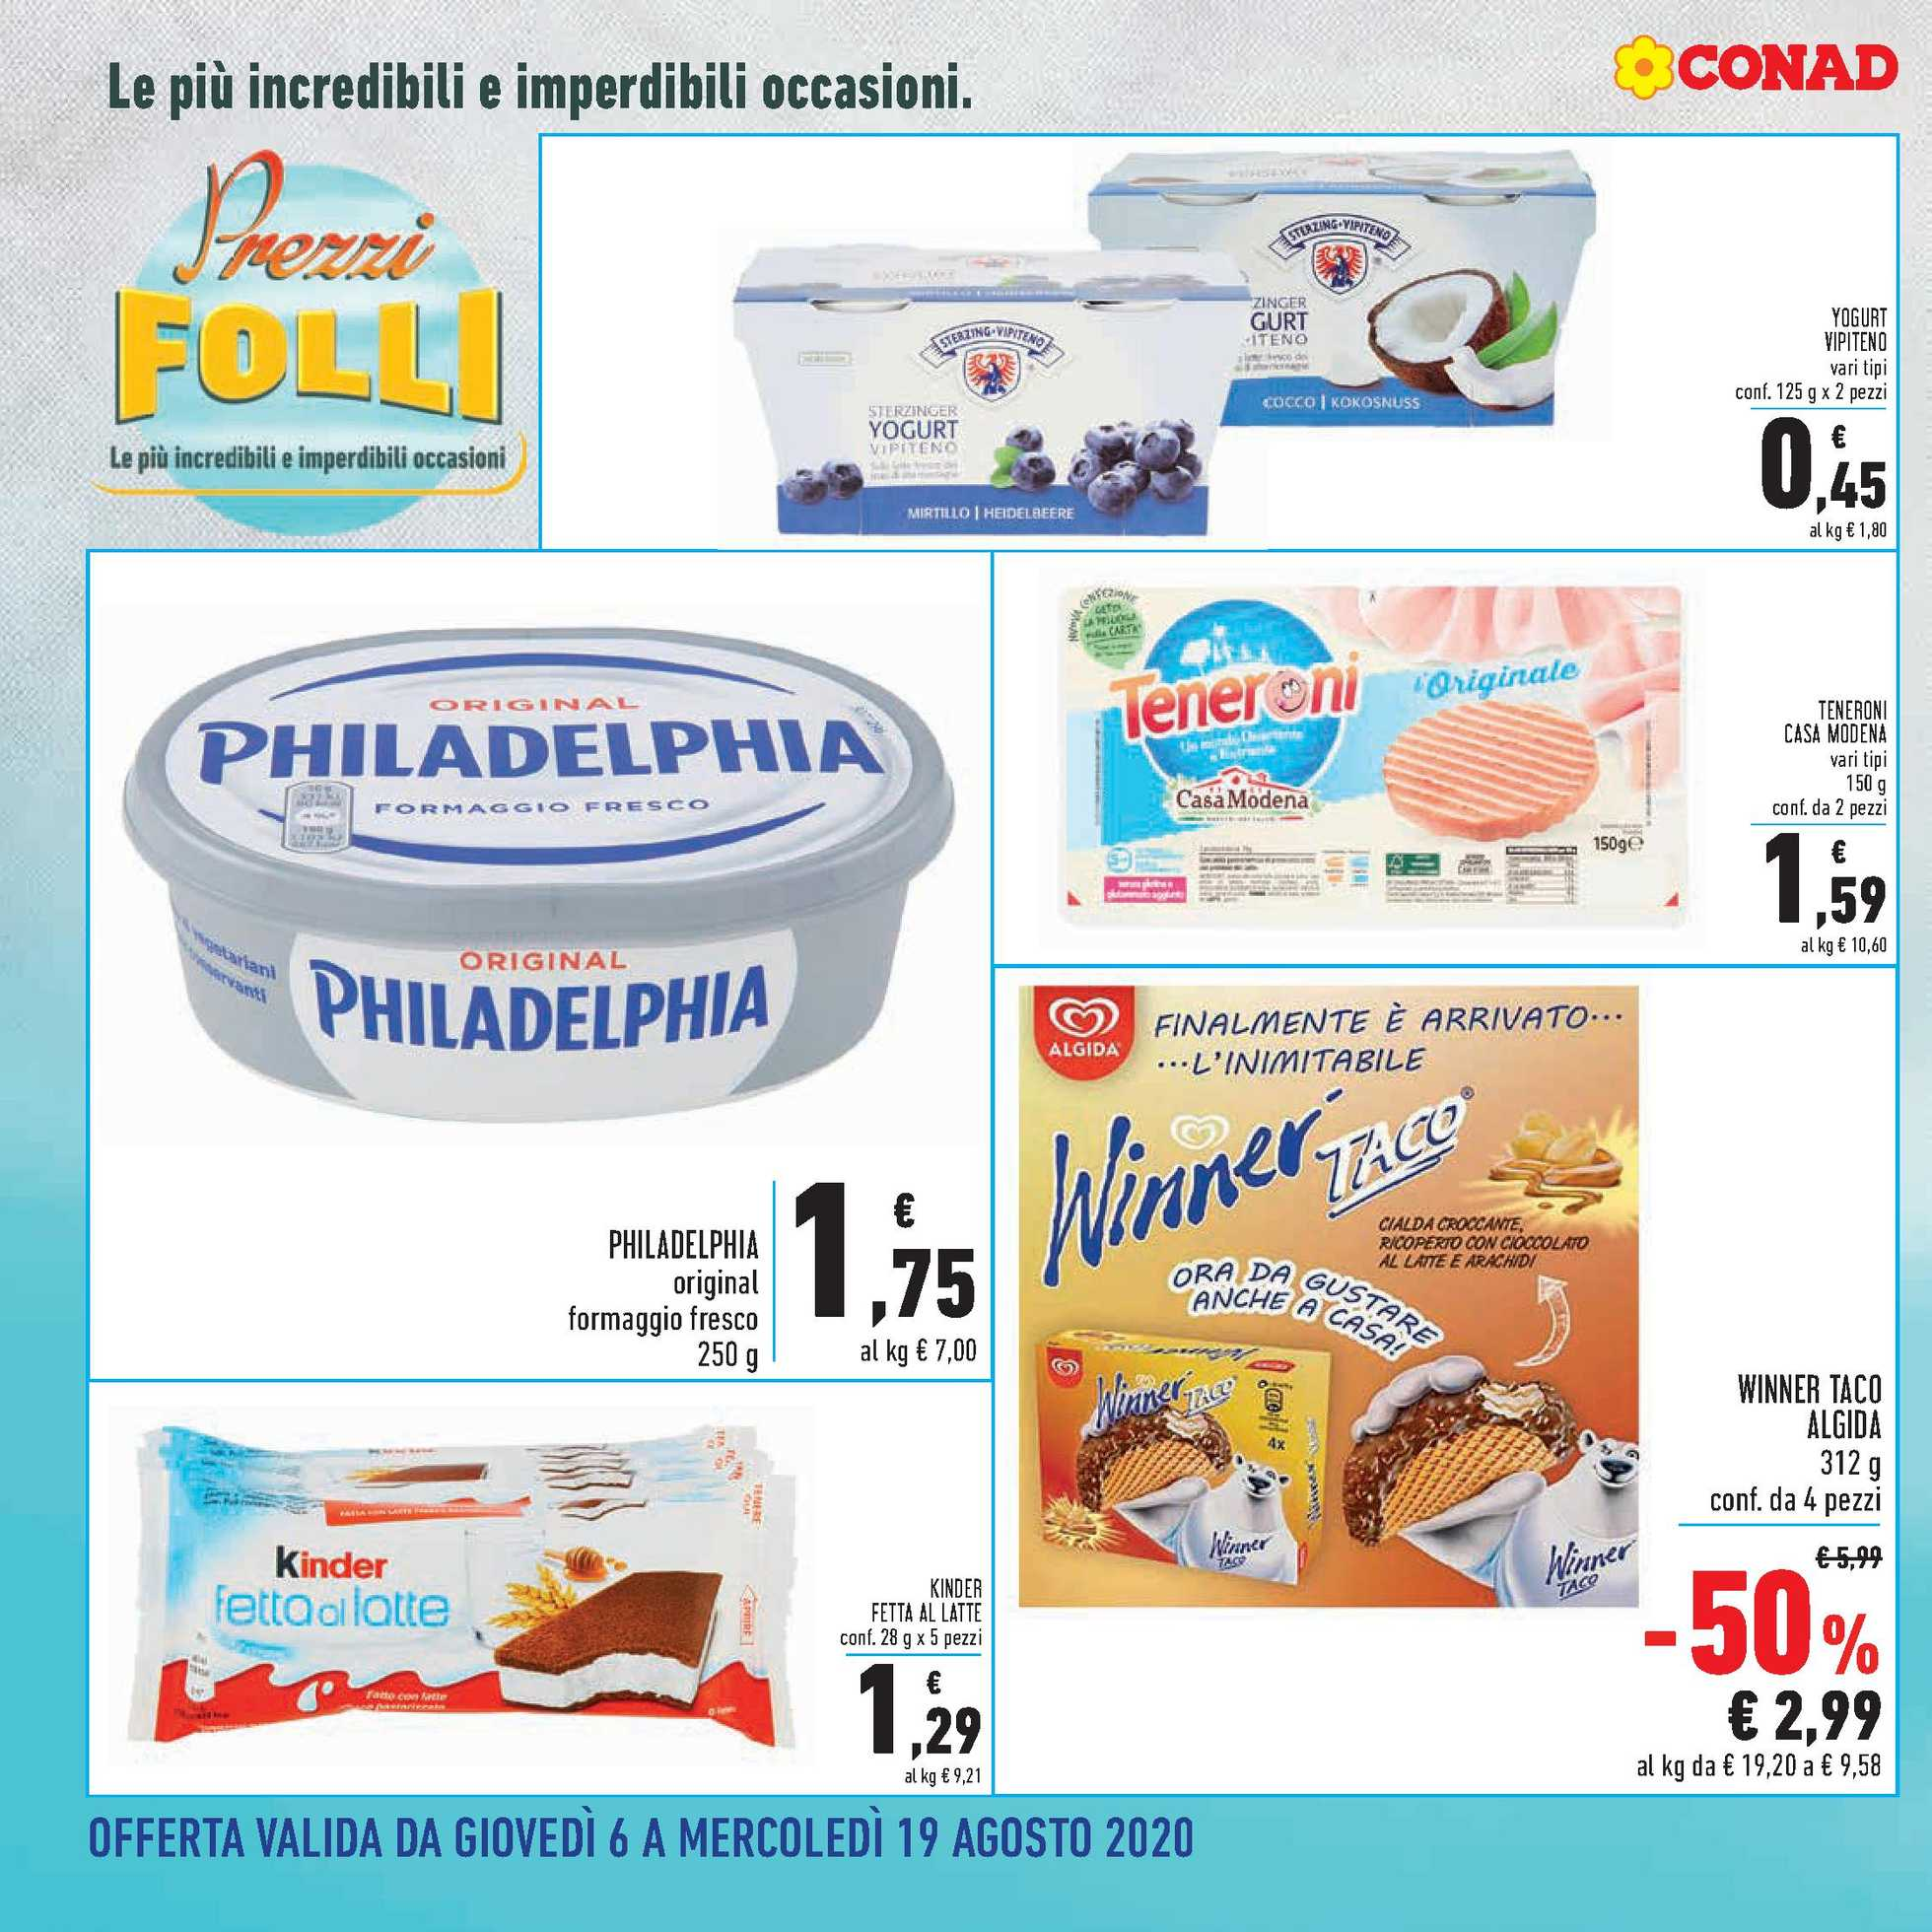 Conad - offerte valide dal 06.08.2020 al 19.08.2020 - pagina 2.